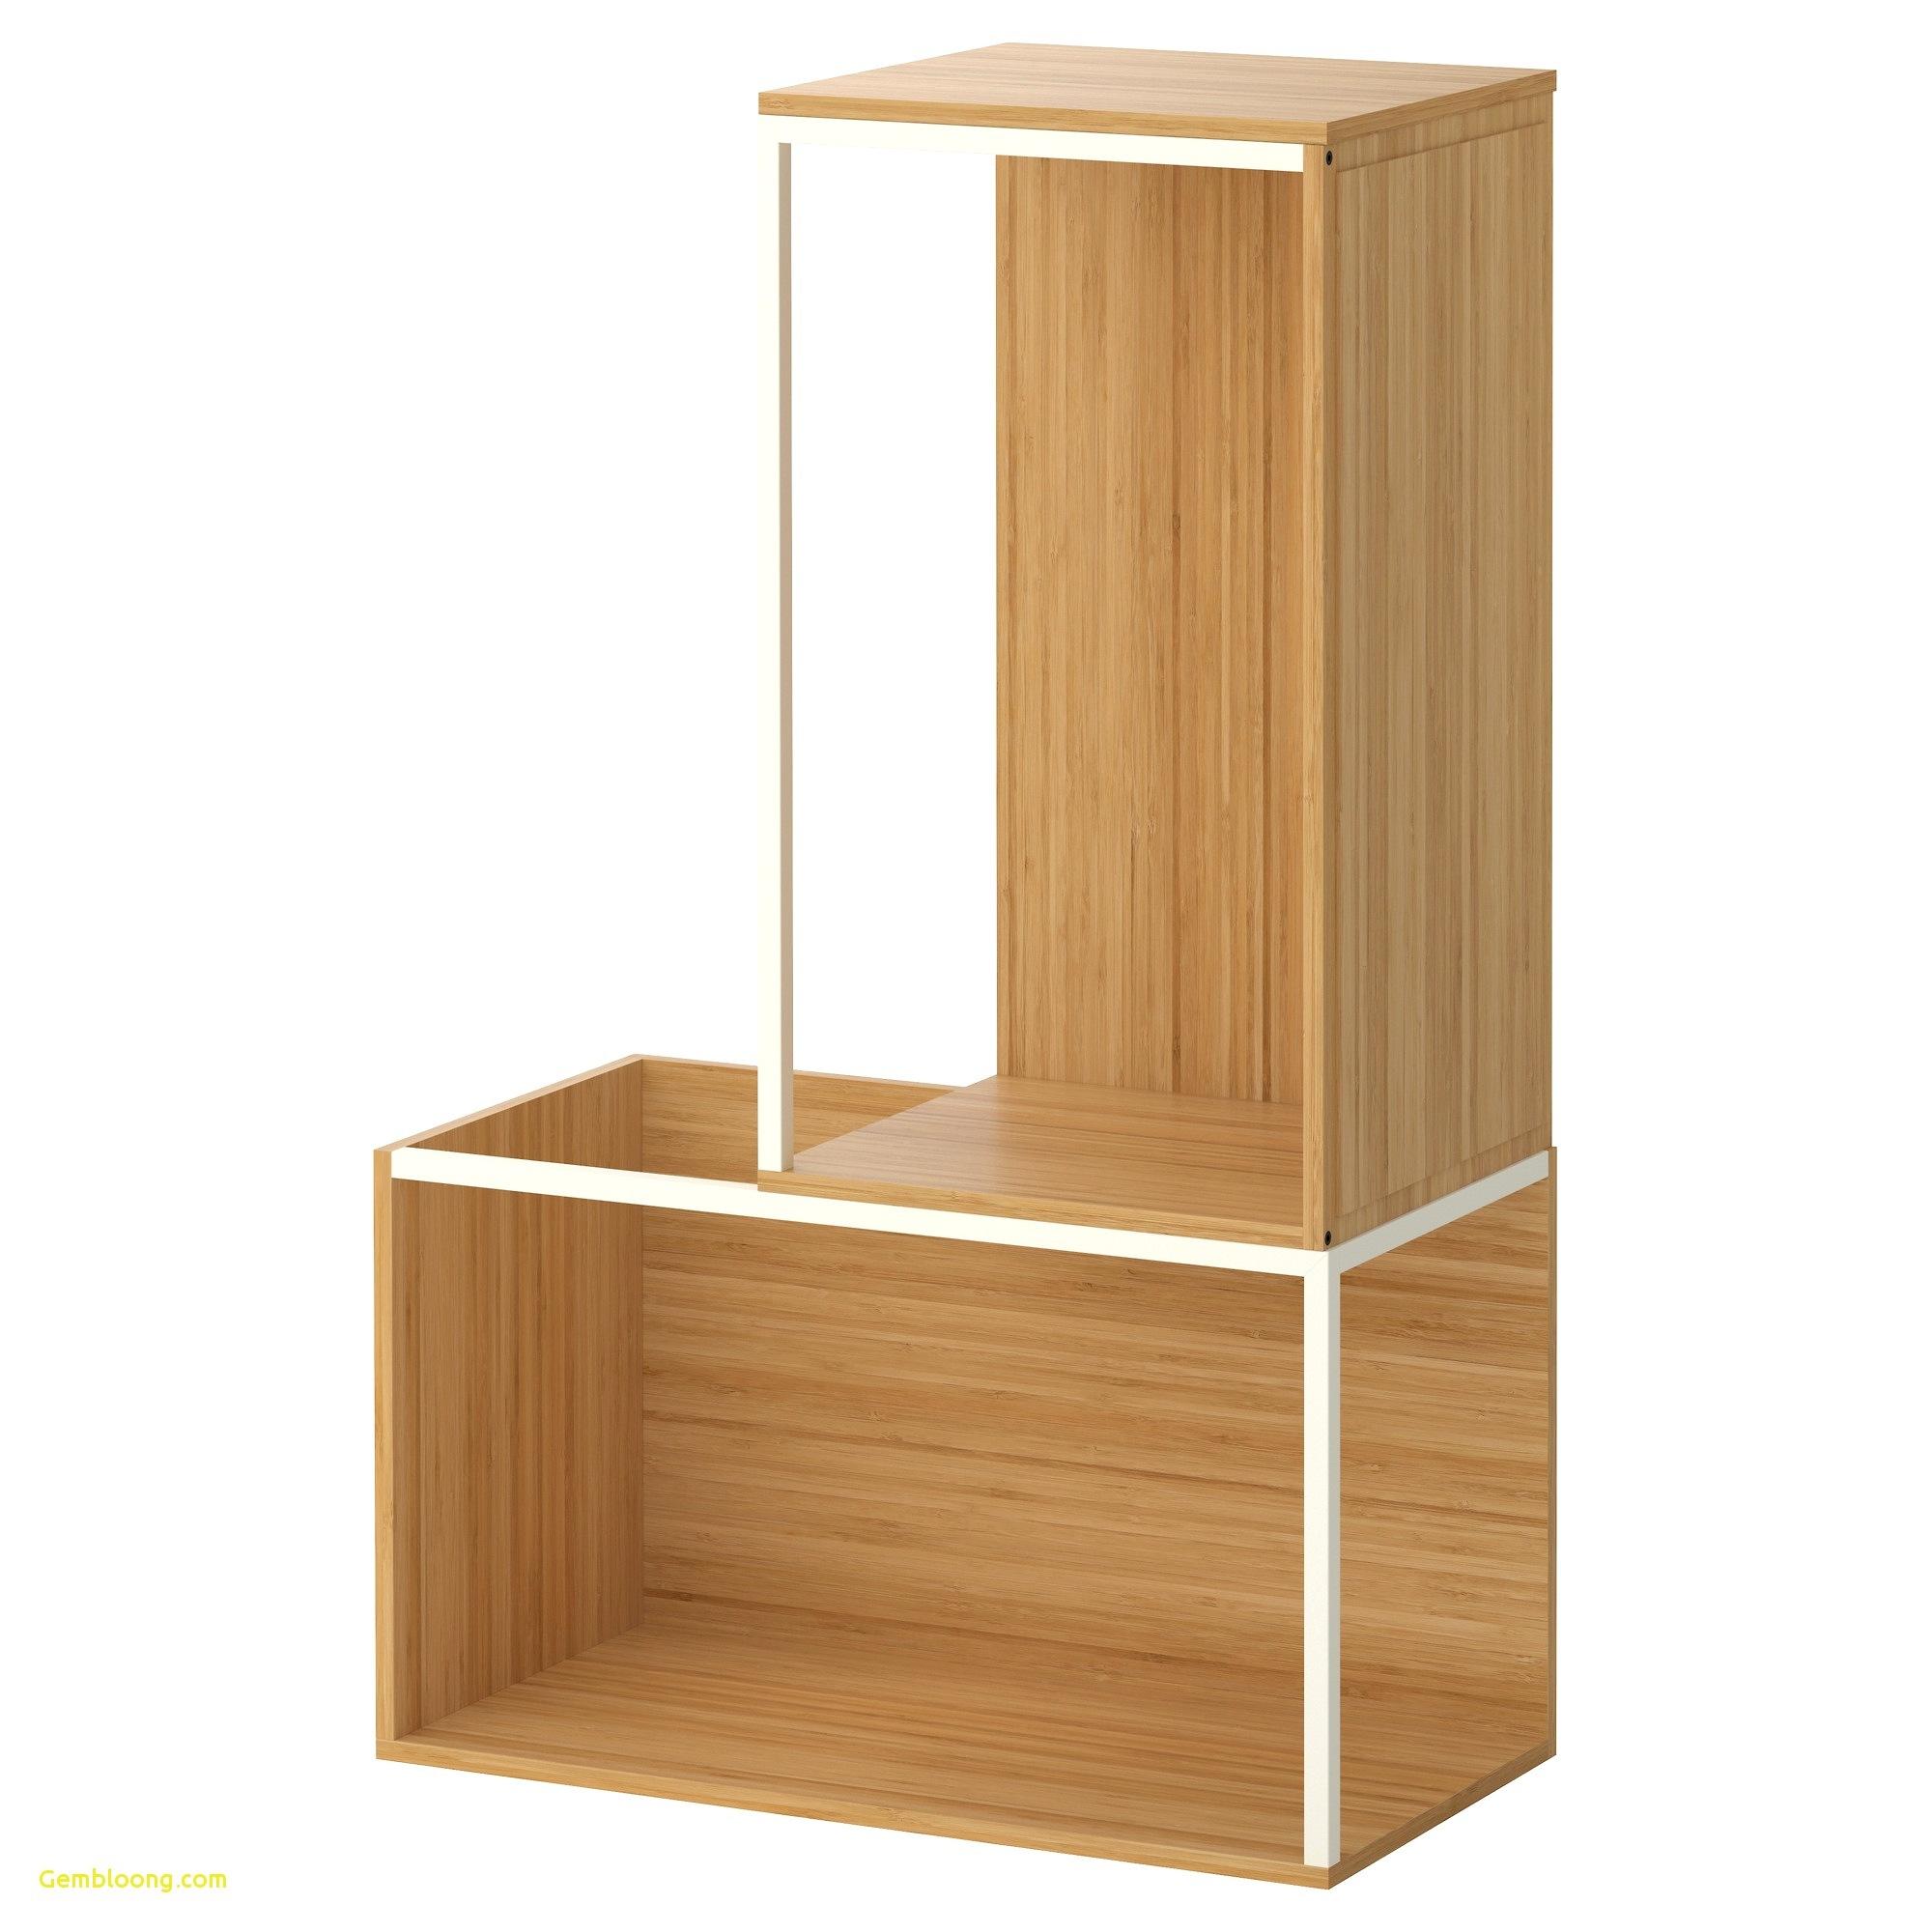 Housse De Couette Centrakor Élégant Photographie Prospectus Centrakor Luxe Meubles Ikea Frais Element Cuisine Ikea